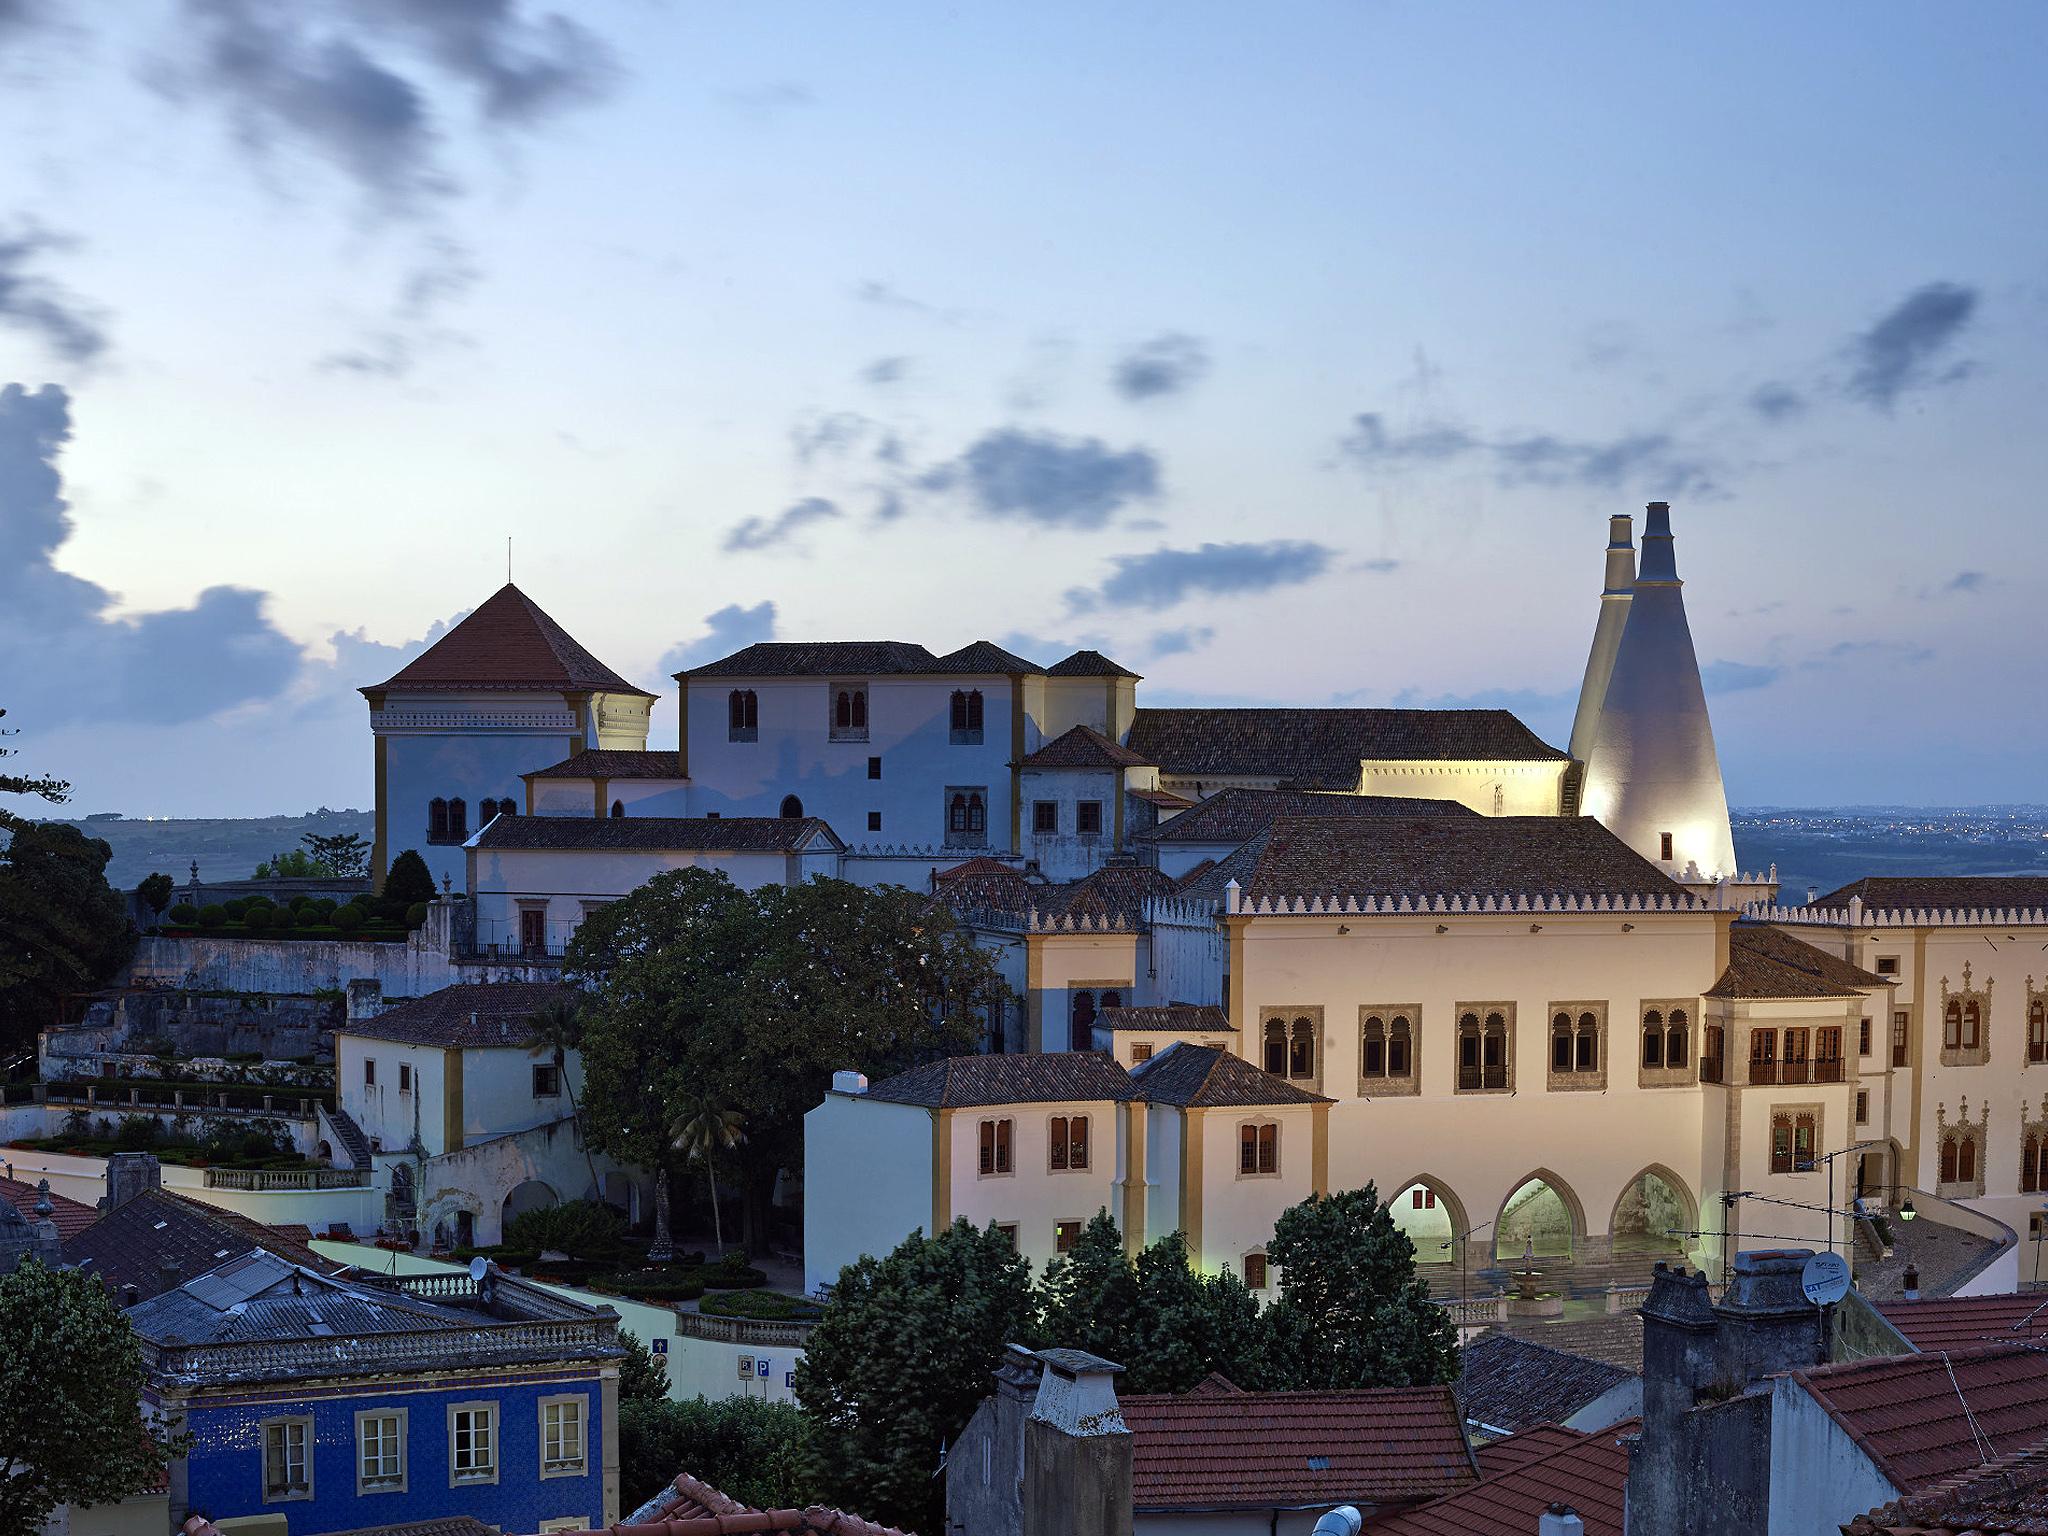 Festival de Sintra regressa em Setembro para dar música clássica ao concelho